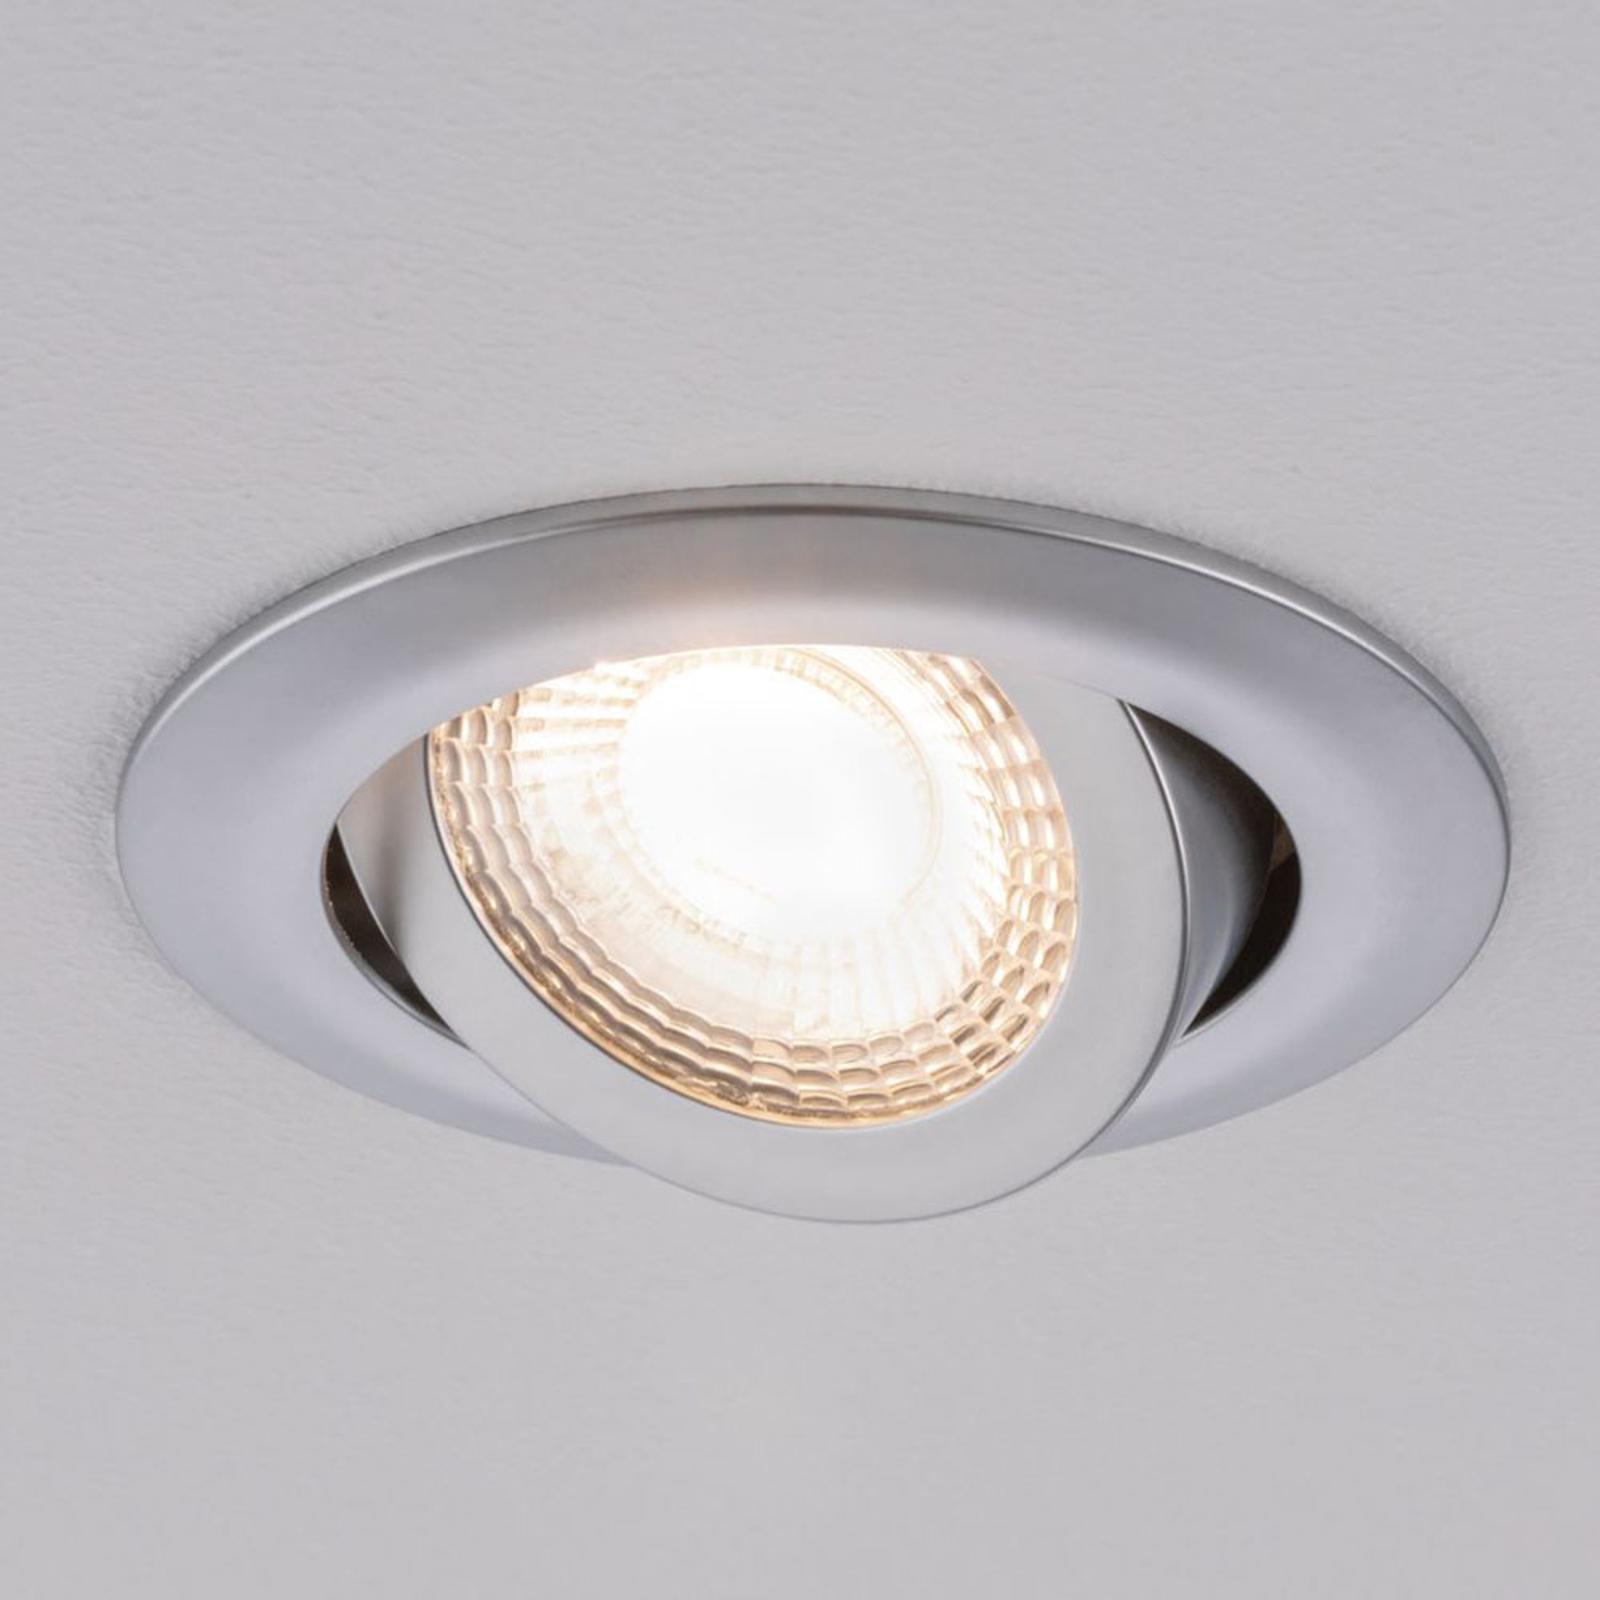 Paulmann 92986 LED inbouwspot 3 x 6W, chroom mat